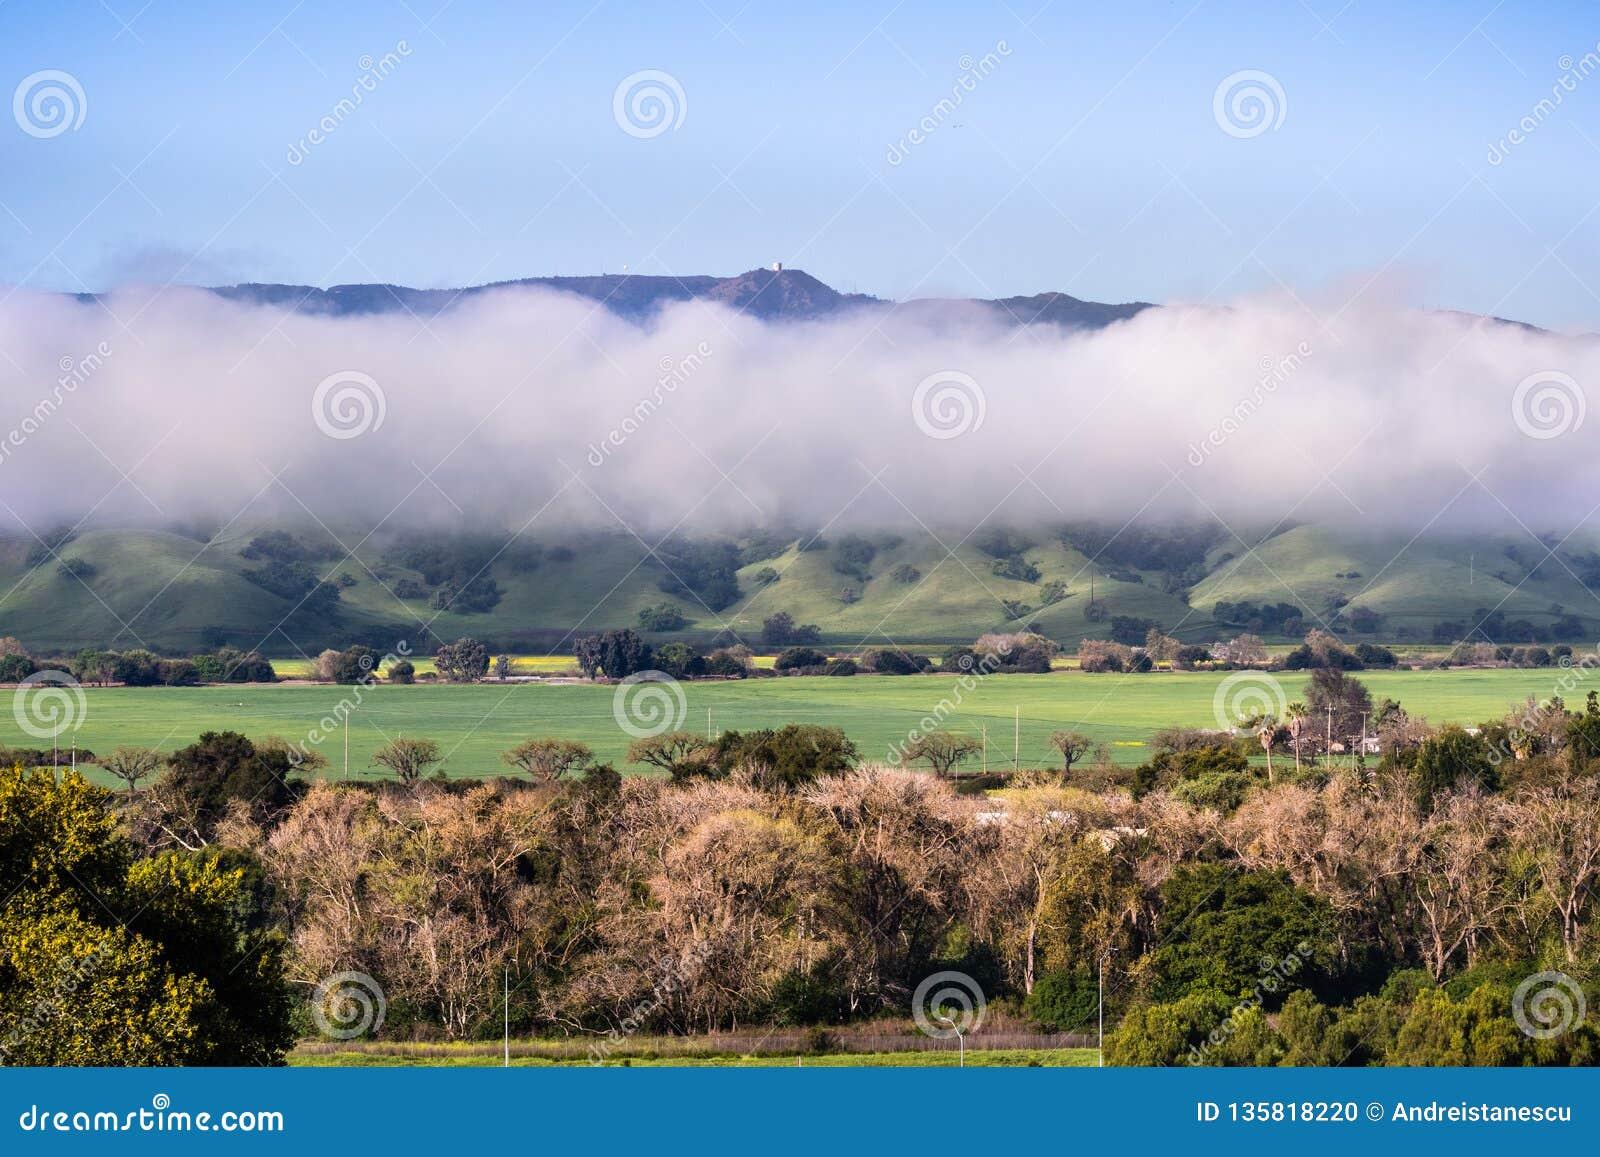 Ansicht in Richtung zur Spitze von Mt Umunhum und das ehemalige Radargebäude, steigend über eine Schicht Wolken; grüne Felder sic